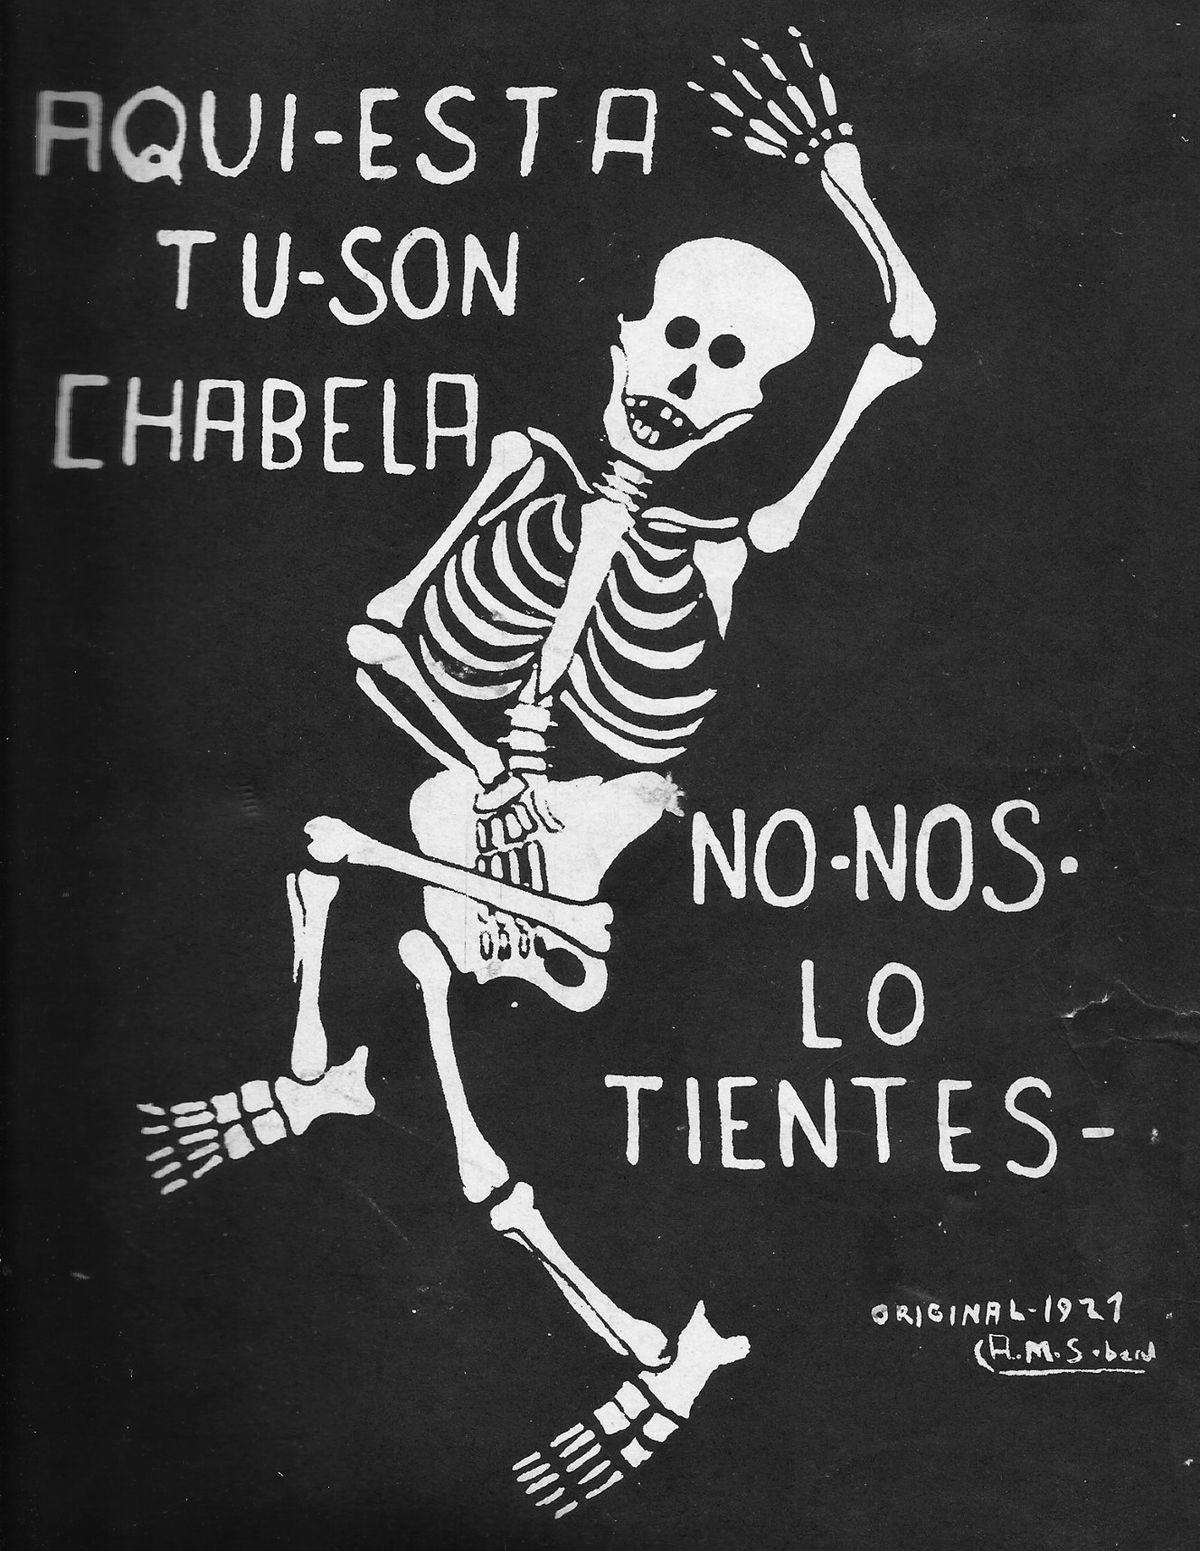 Huelga de Dolores - Wikipedia, la enciclopedia libre